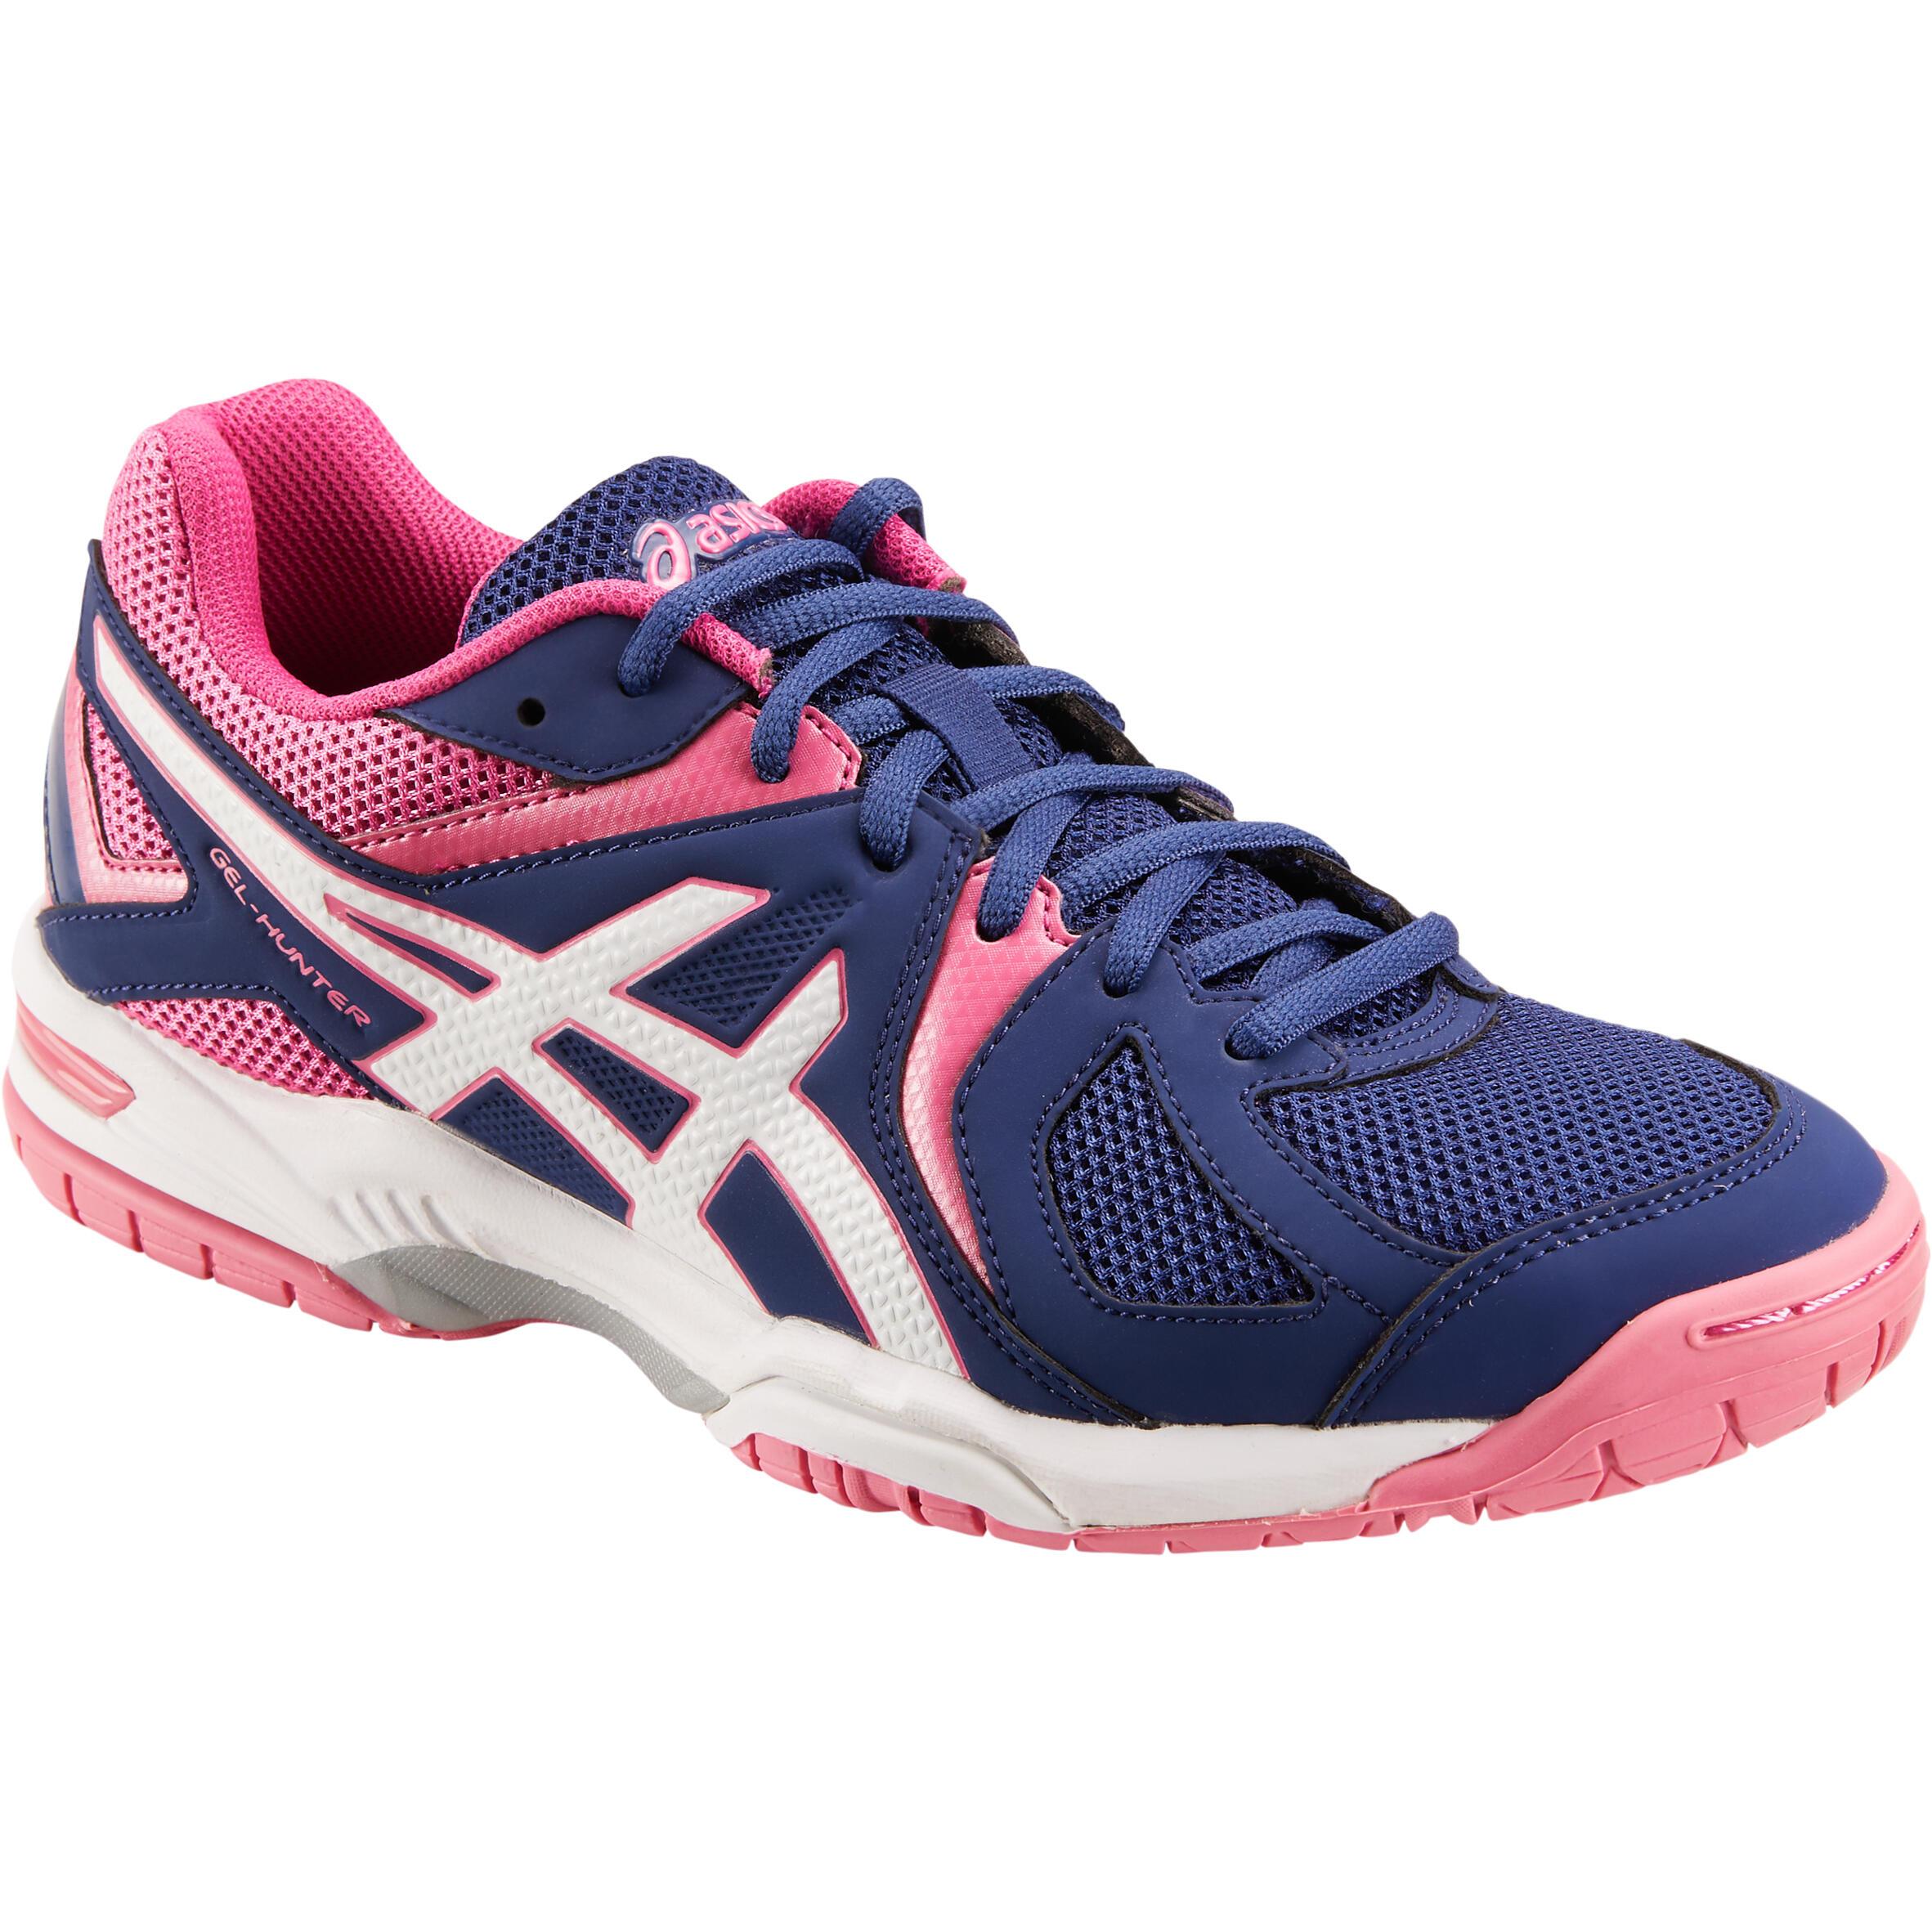 Asics Schoenen voor badminton of squash, voor dames, Hunter